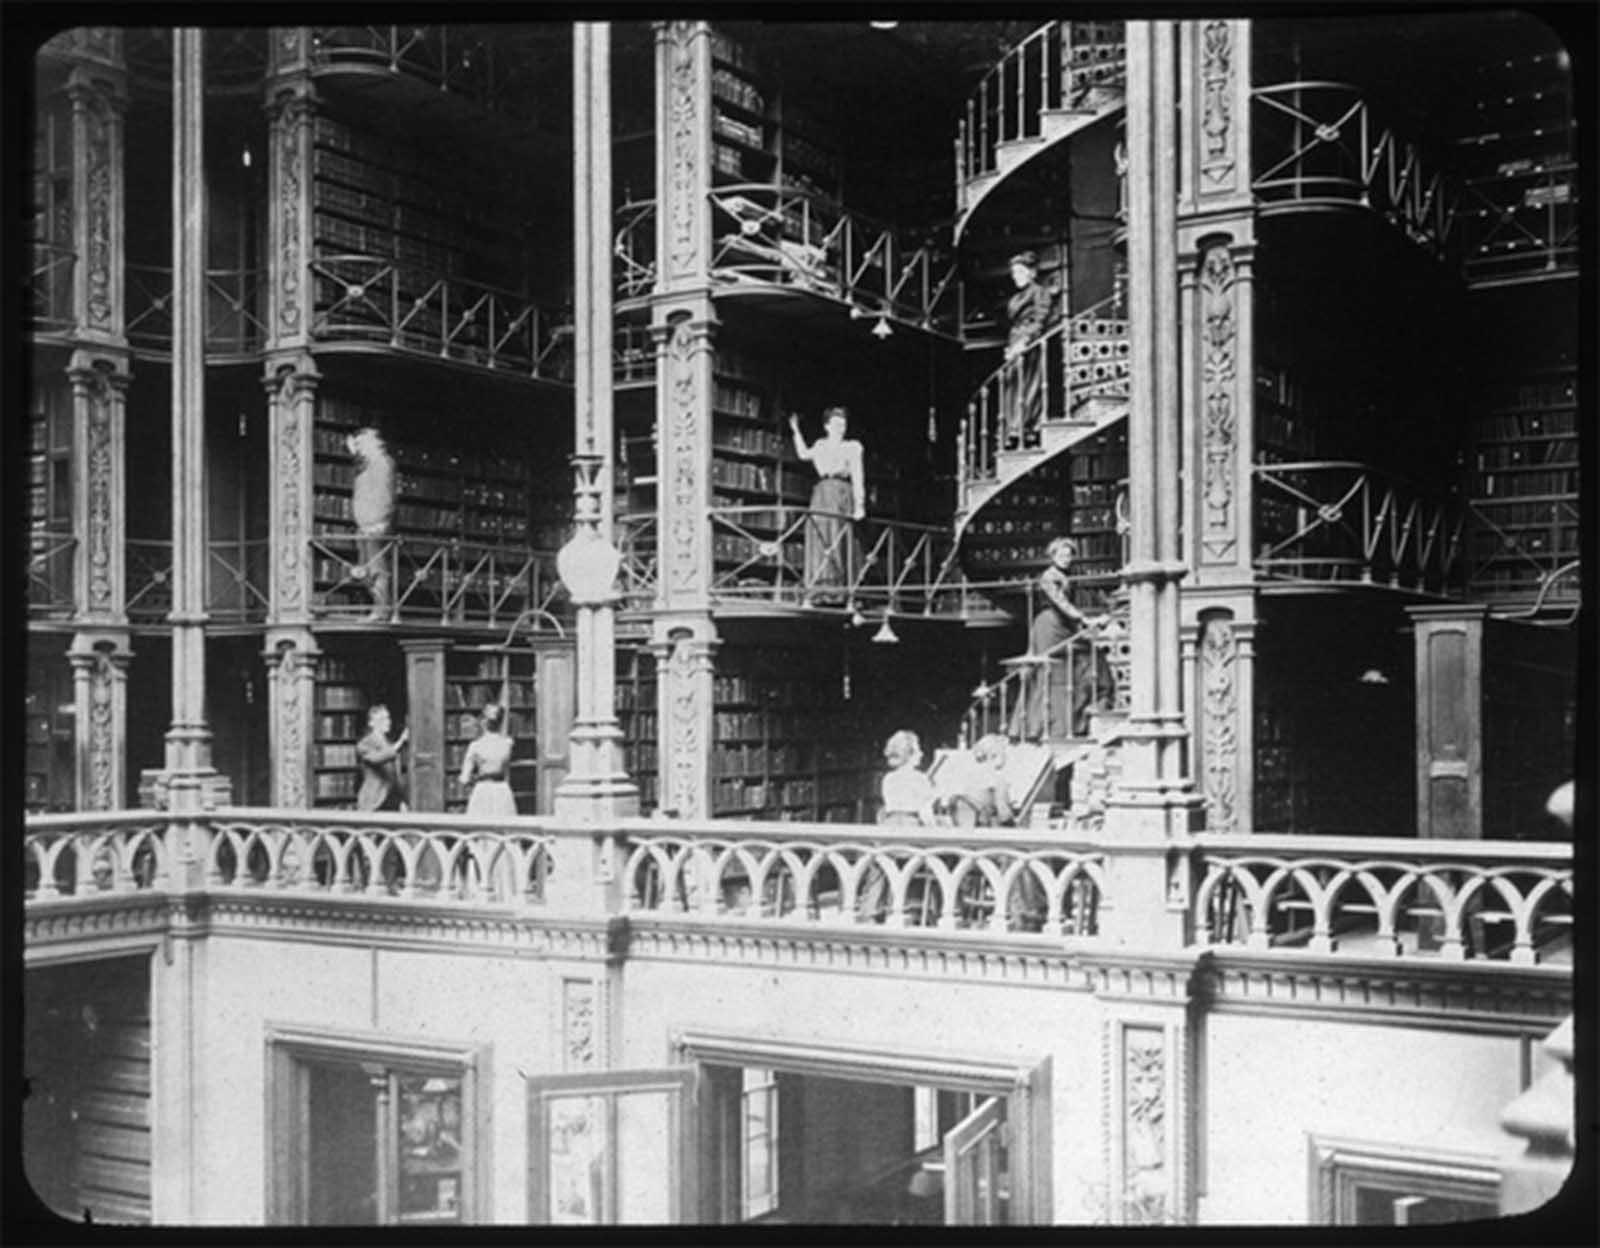 L'ex biblioteca di Cincinnati Prima di essere demolito, 1874-1955'Ancien Cincinnati Bibliothèque avant d'être démoli, 1874-1955